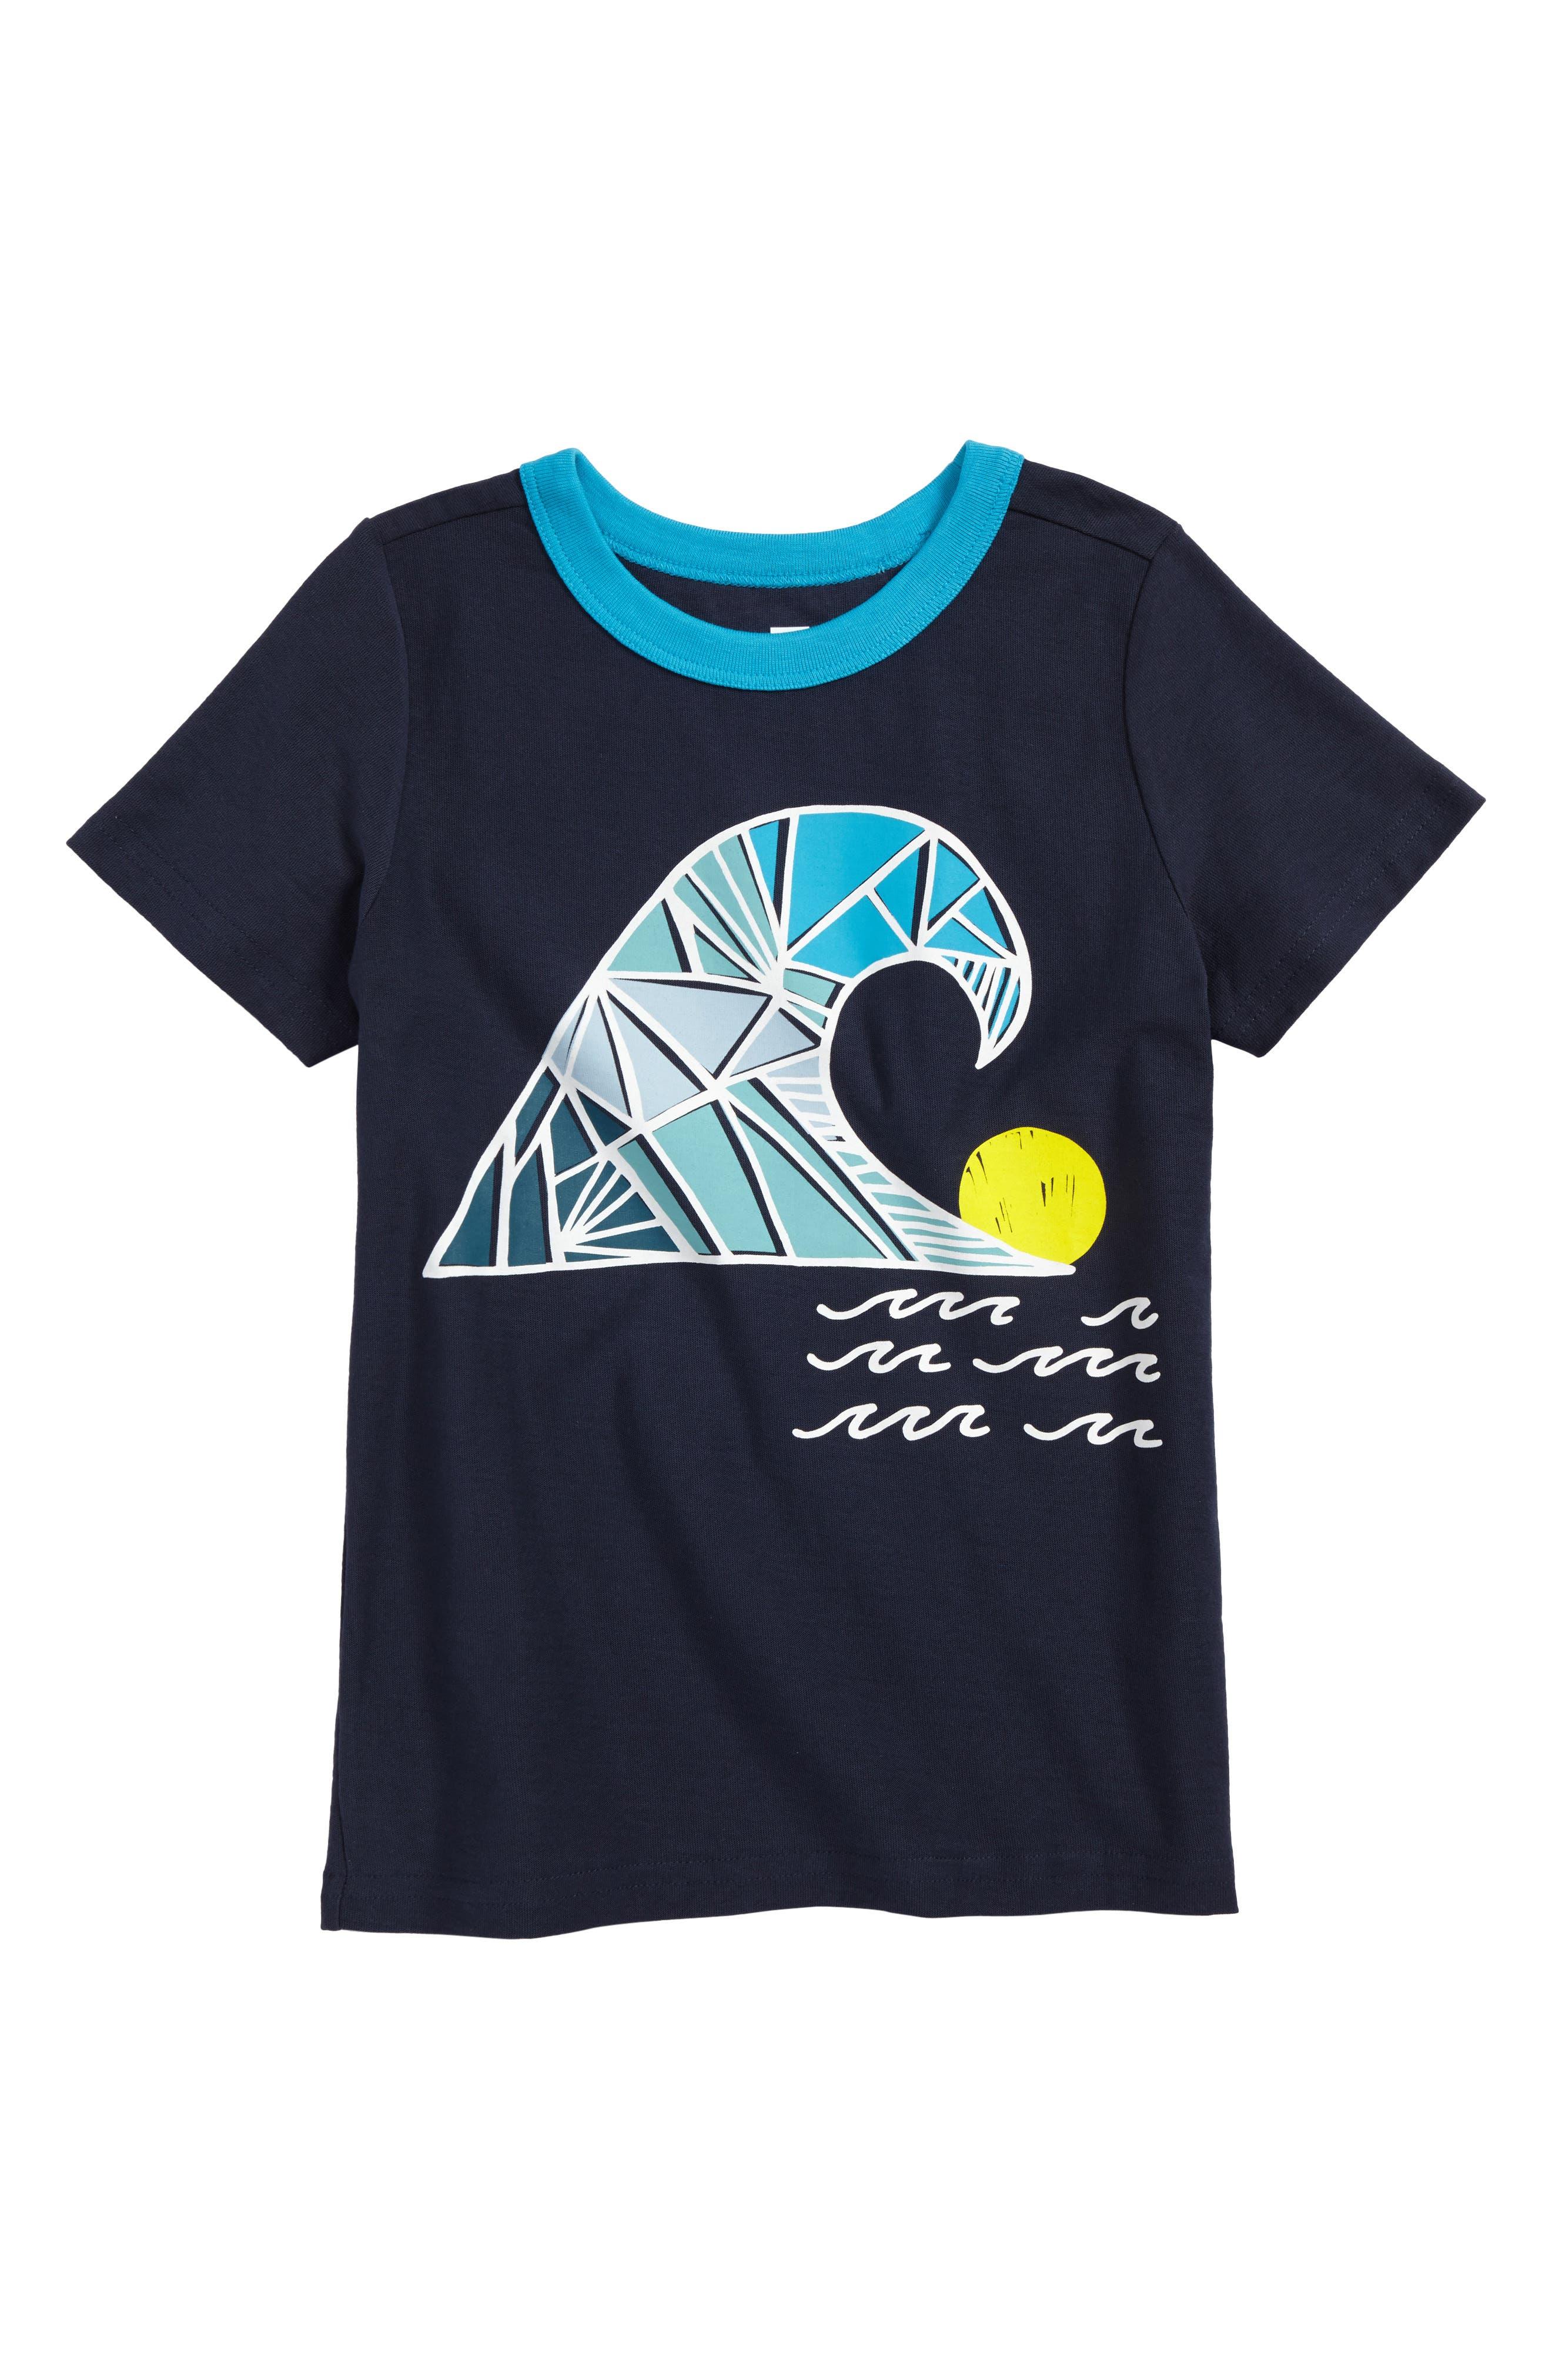 Swell Day T-Shirt,                             Main thumbnail 1, color,                             Indigo